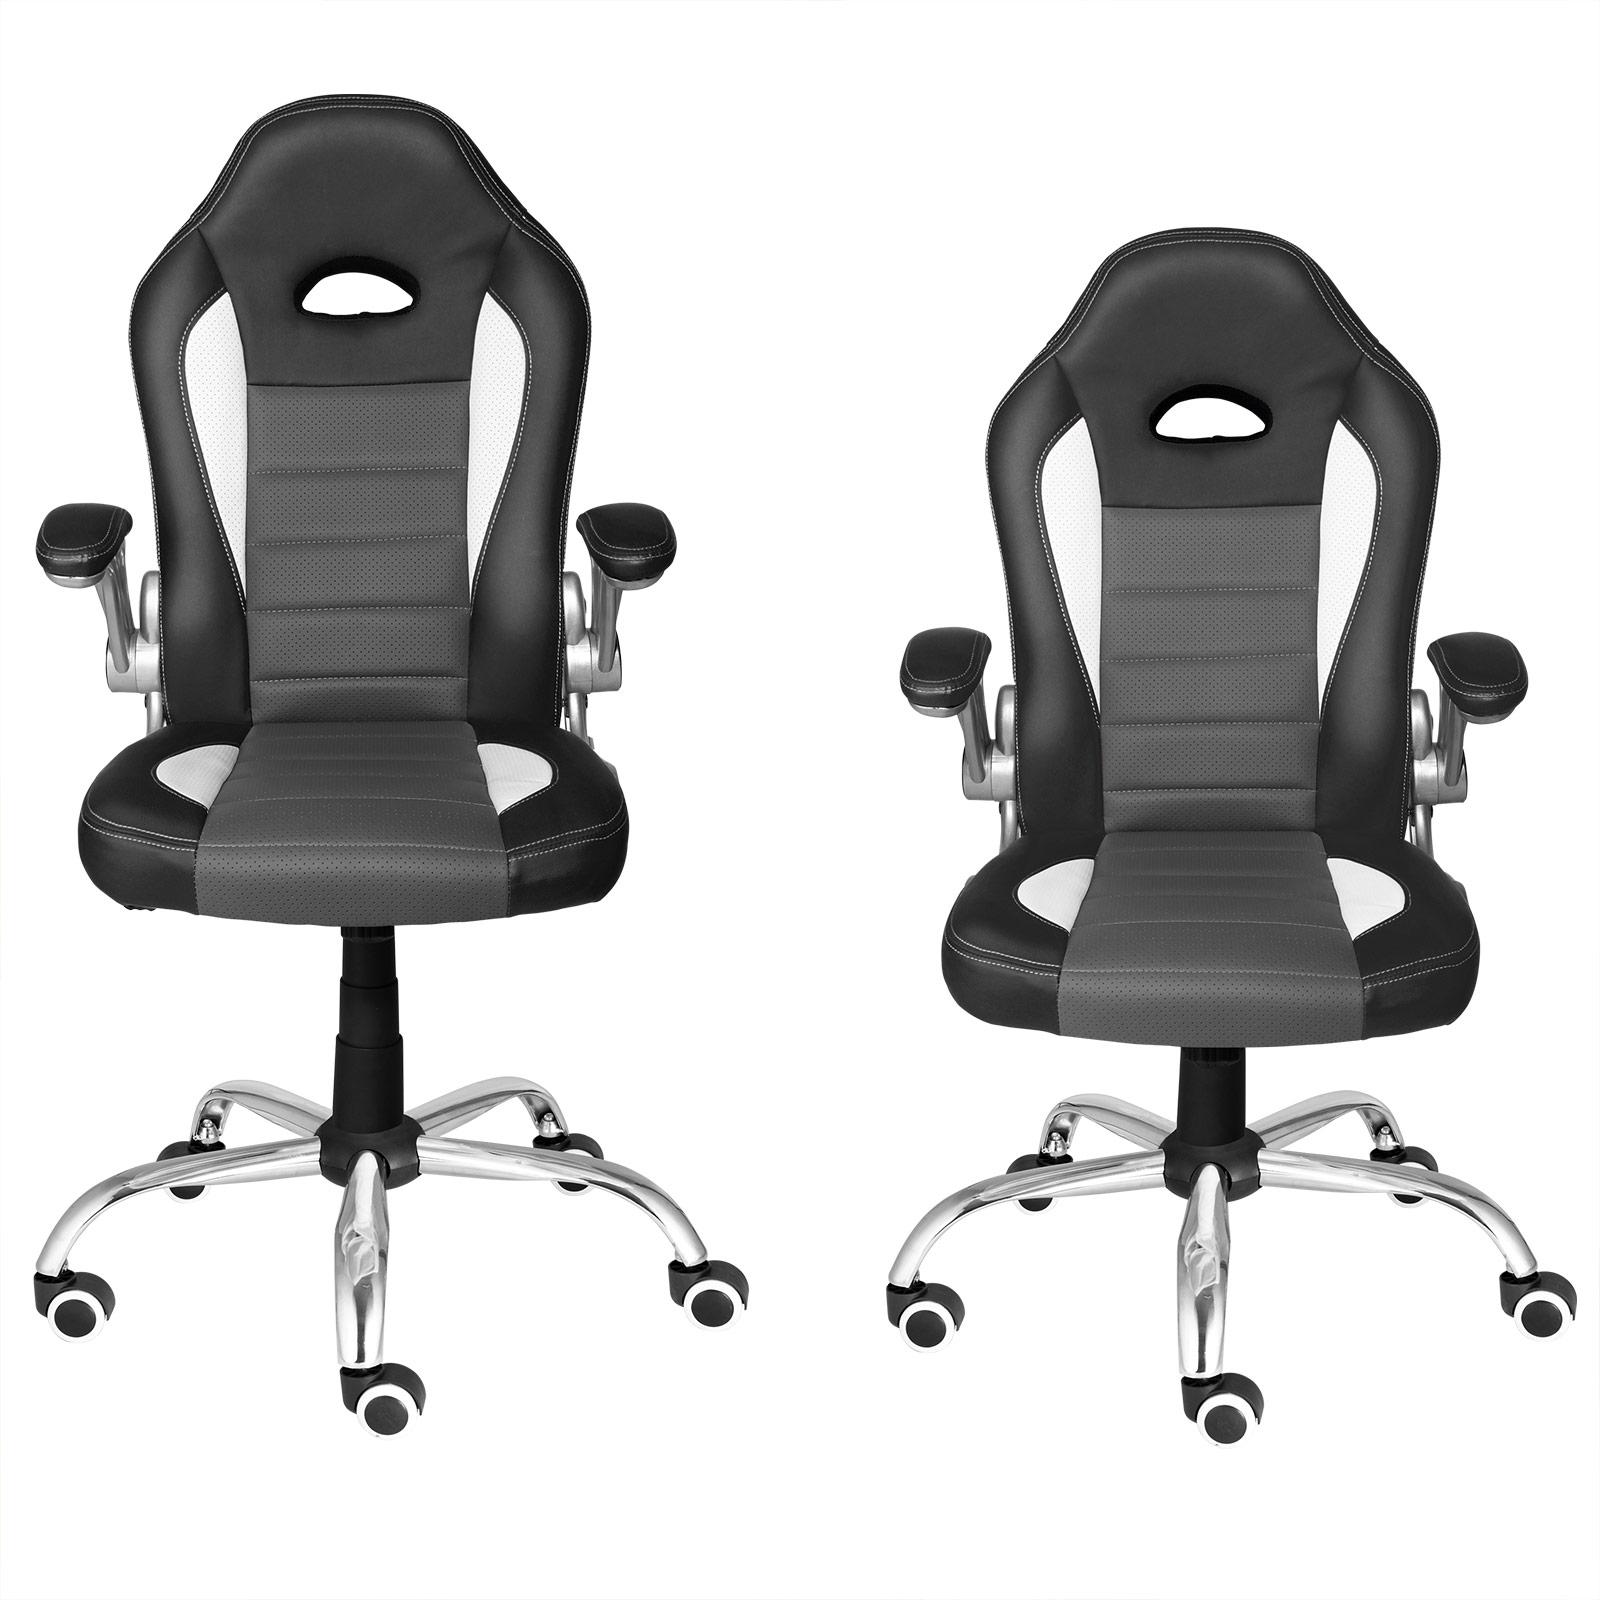 chaise de bureau en pu si ge fauteuil rembourrage pais hauteur r glable ebay. Black Bedroom Furniture Sets. Home Design Ideas